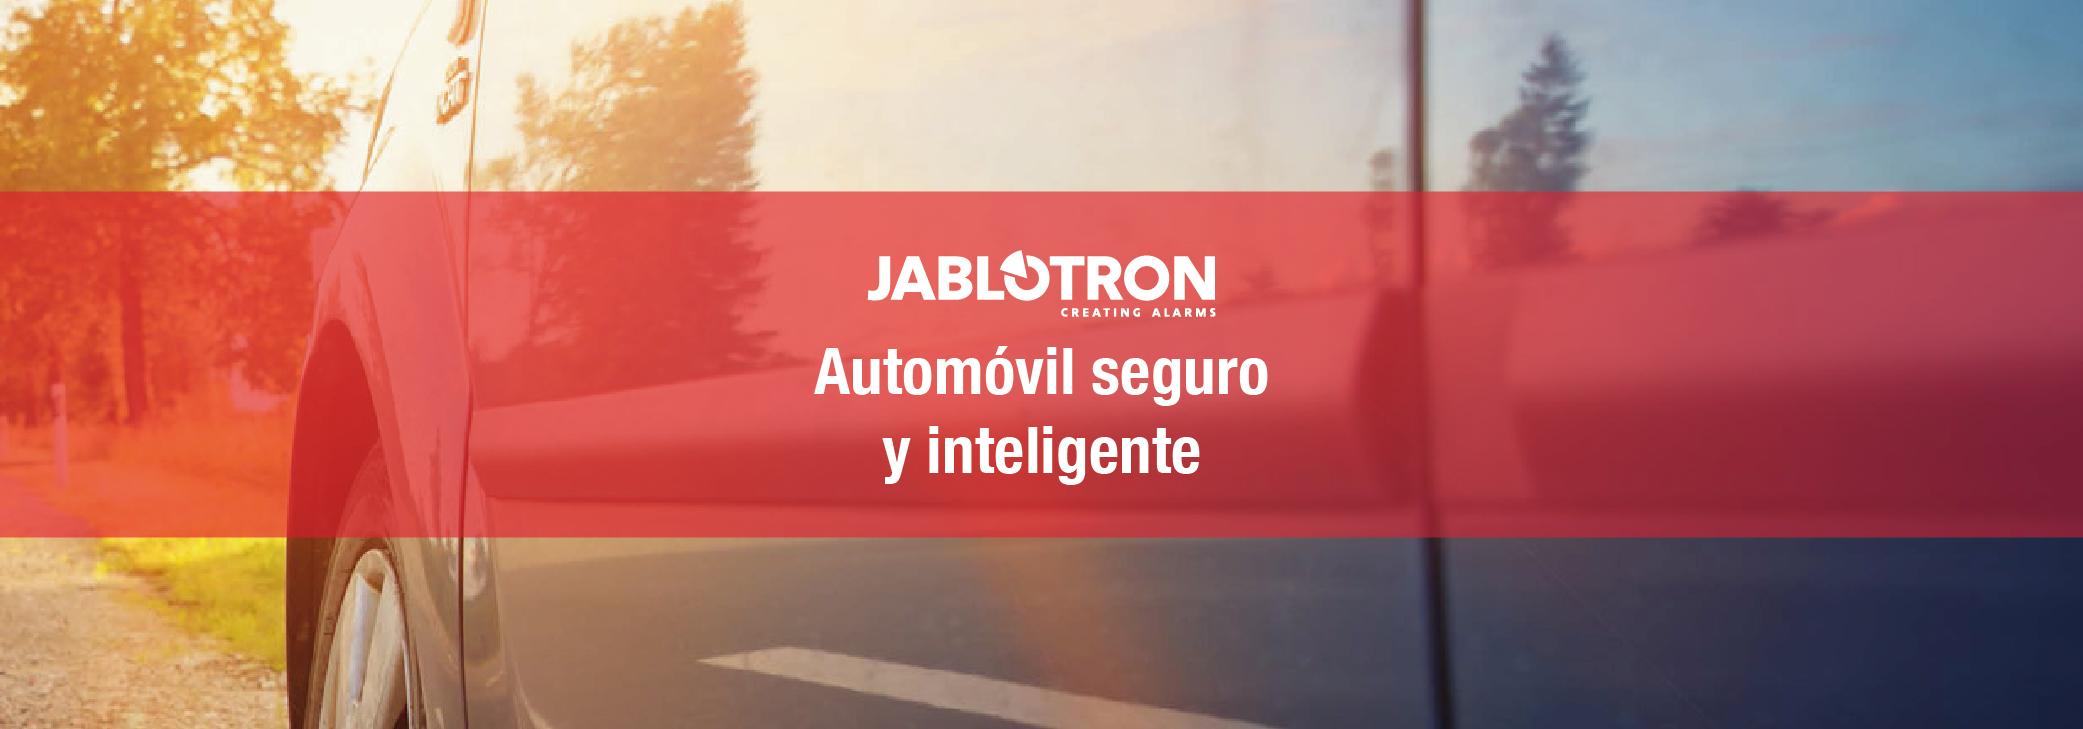 Jablotron | Automóvil seguro y inteligente